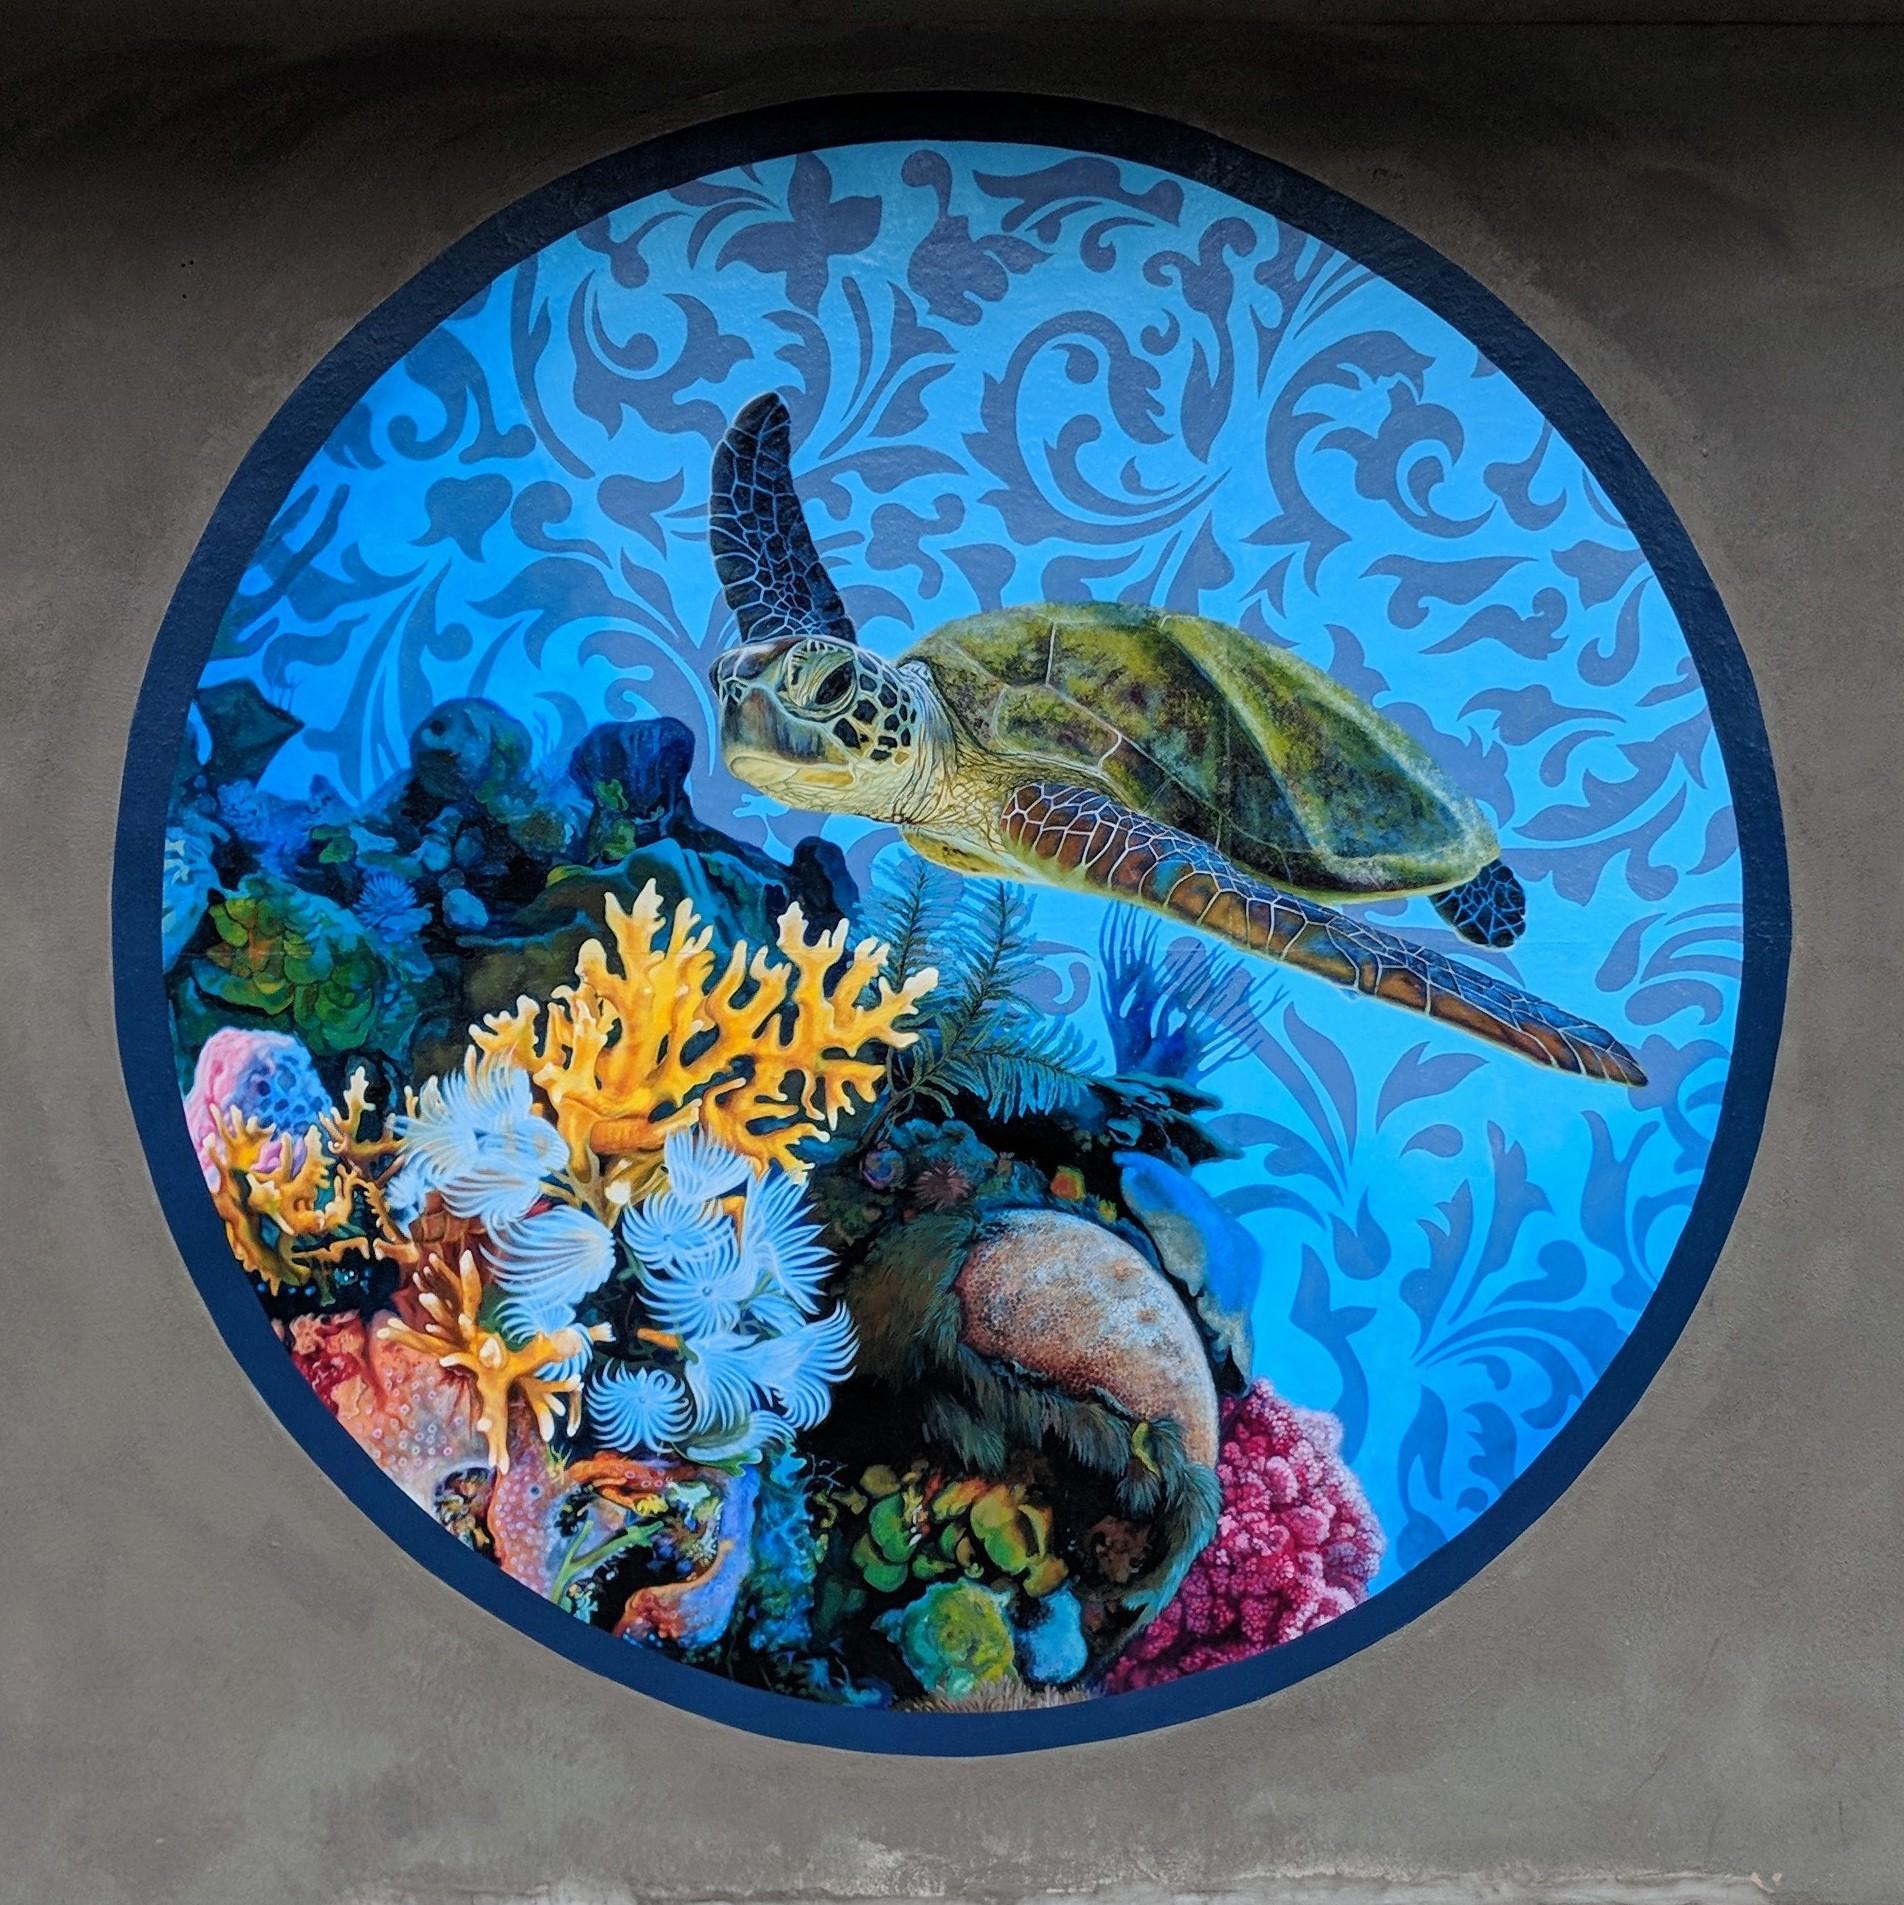 Kauai Coral Reef Life